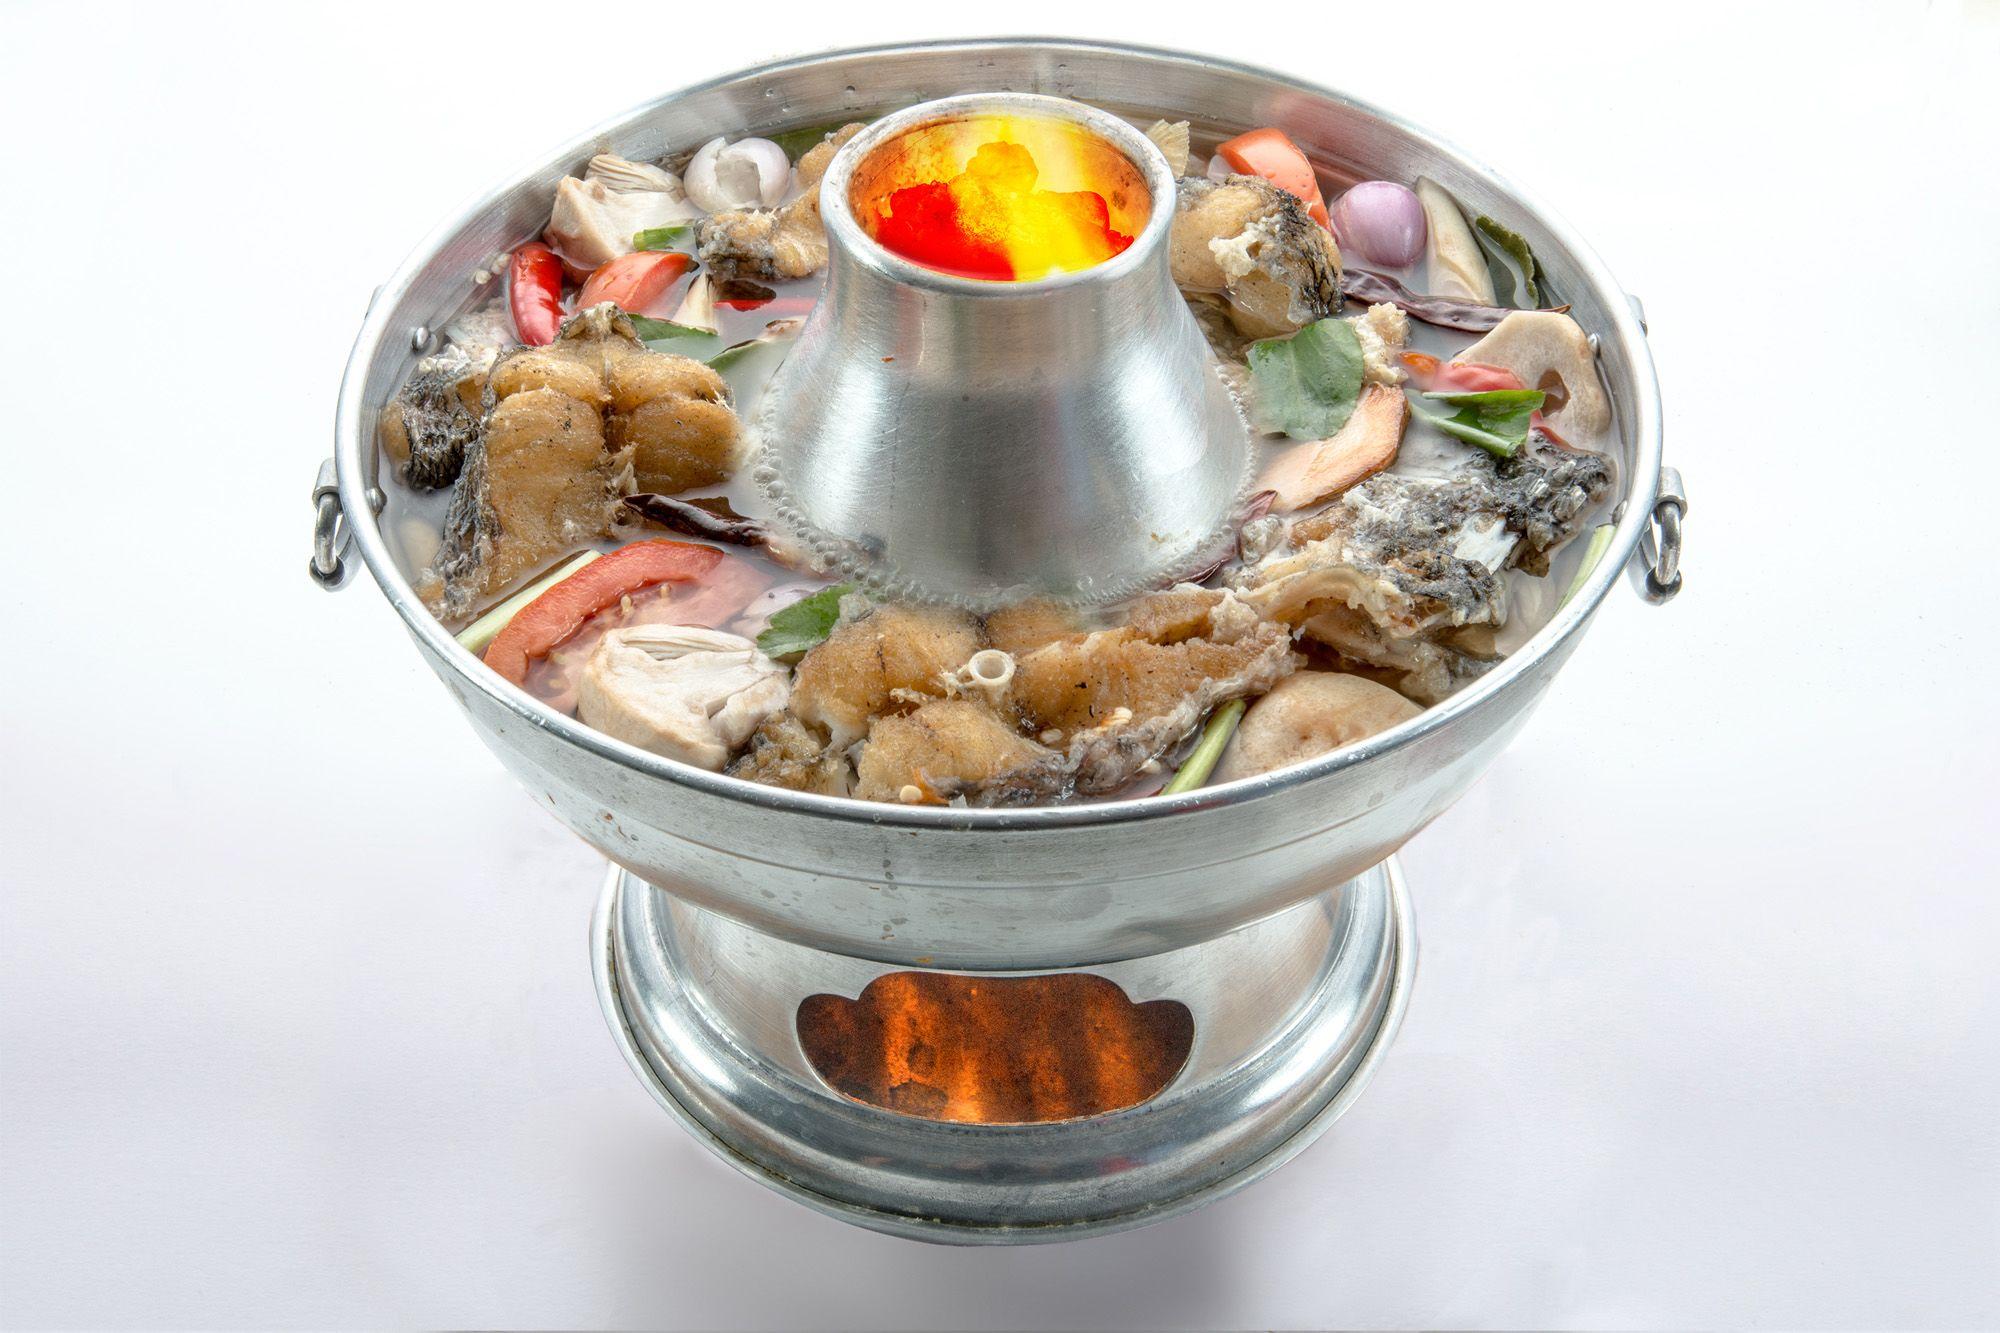 招牌魚頭爐湯汁清甜,另有多種口味的湯頭可選擇。